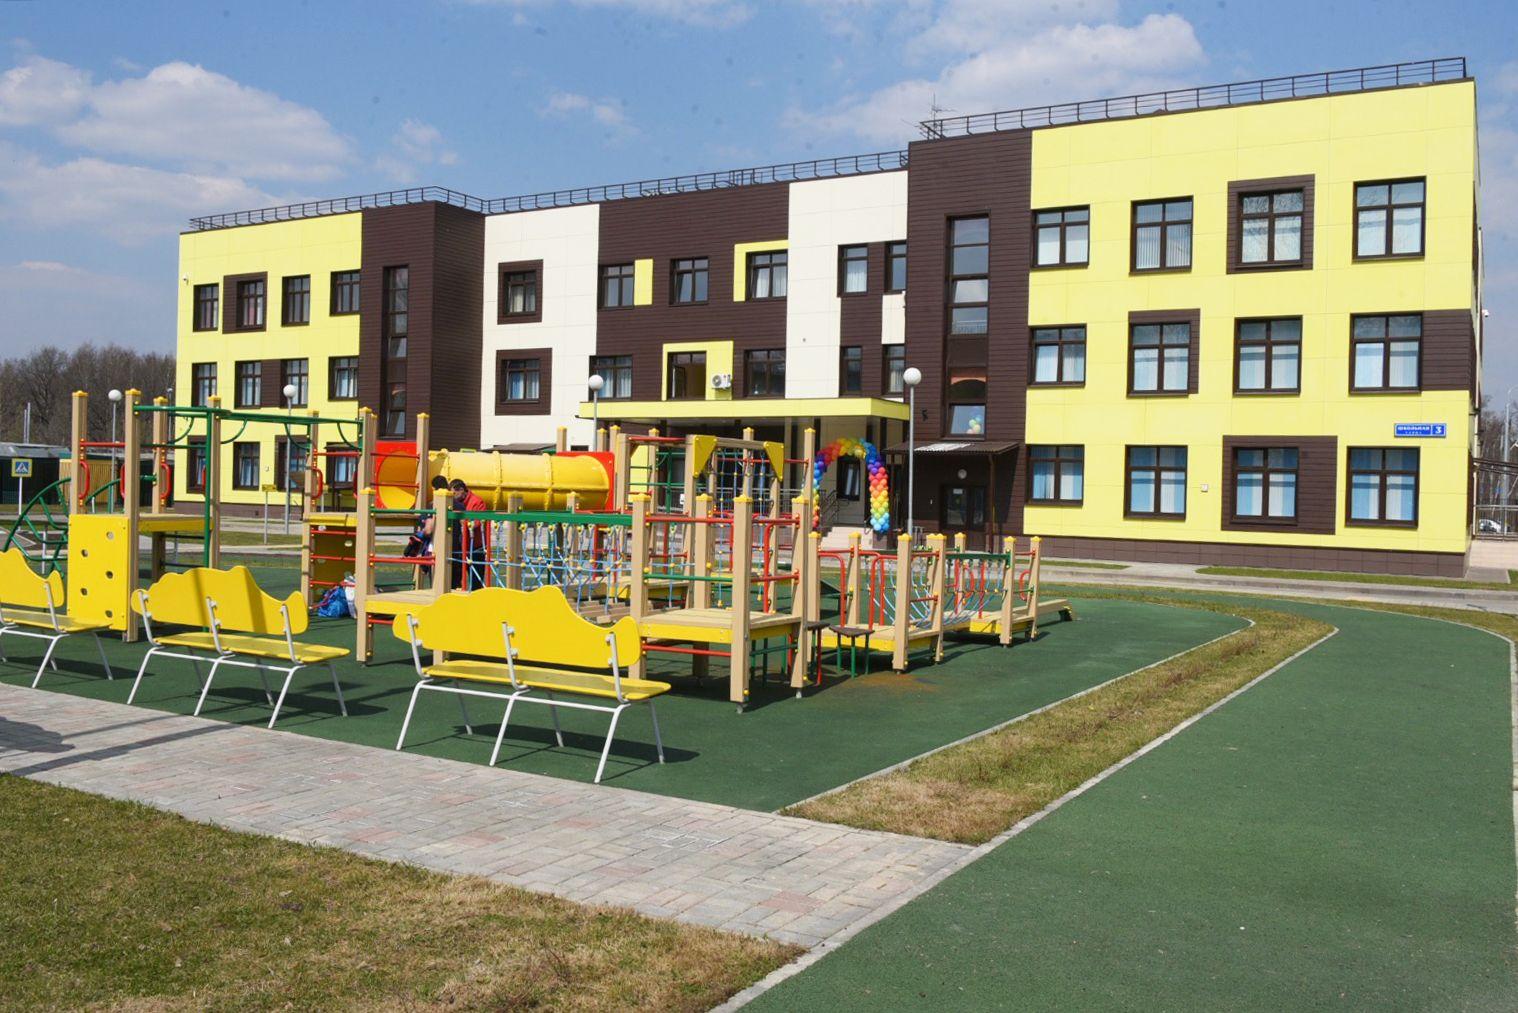 Детсад и школу построят в Покровском-Стрешневе по программе реновации. Фото: архив